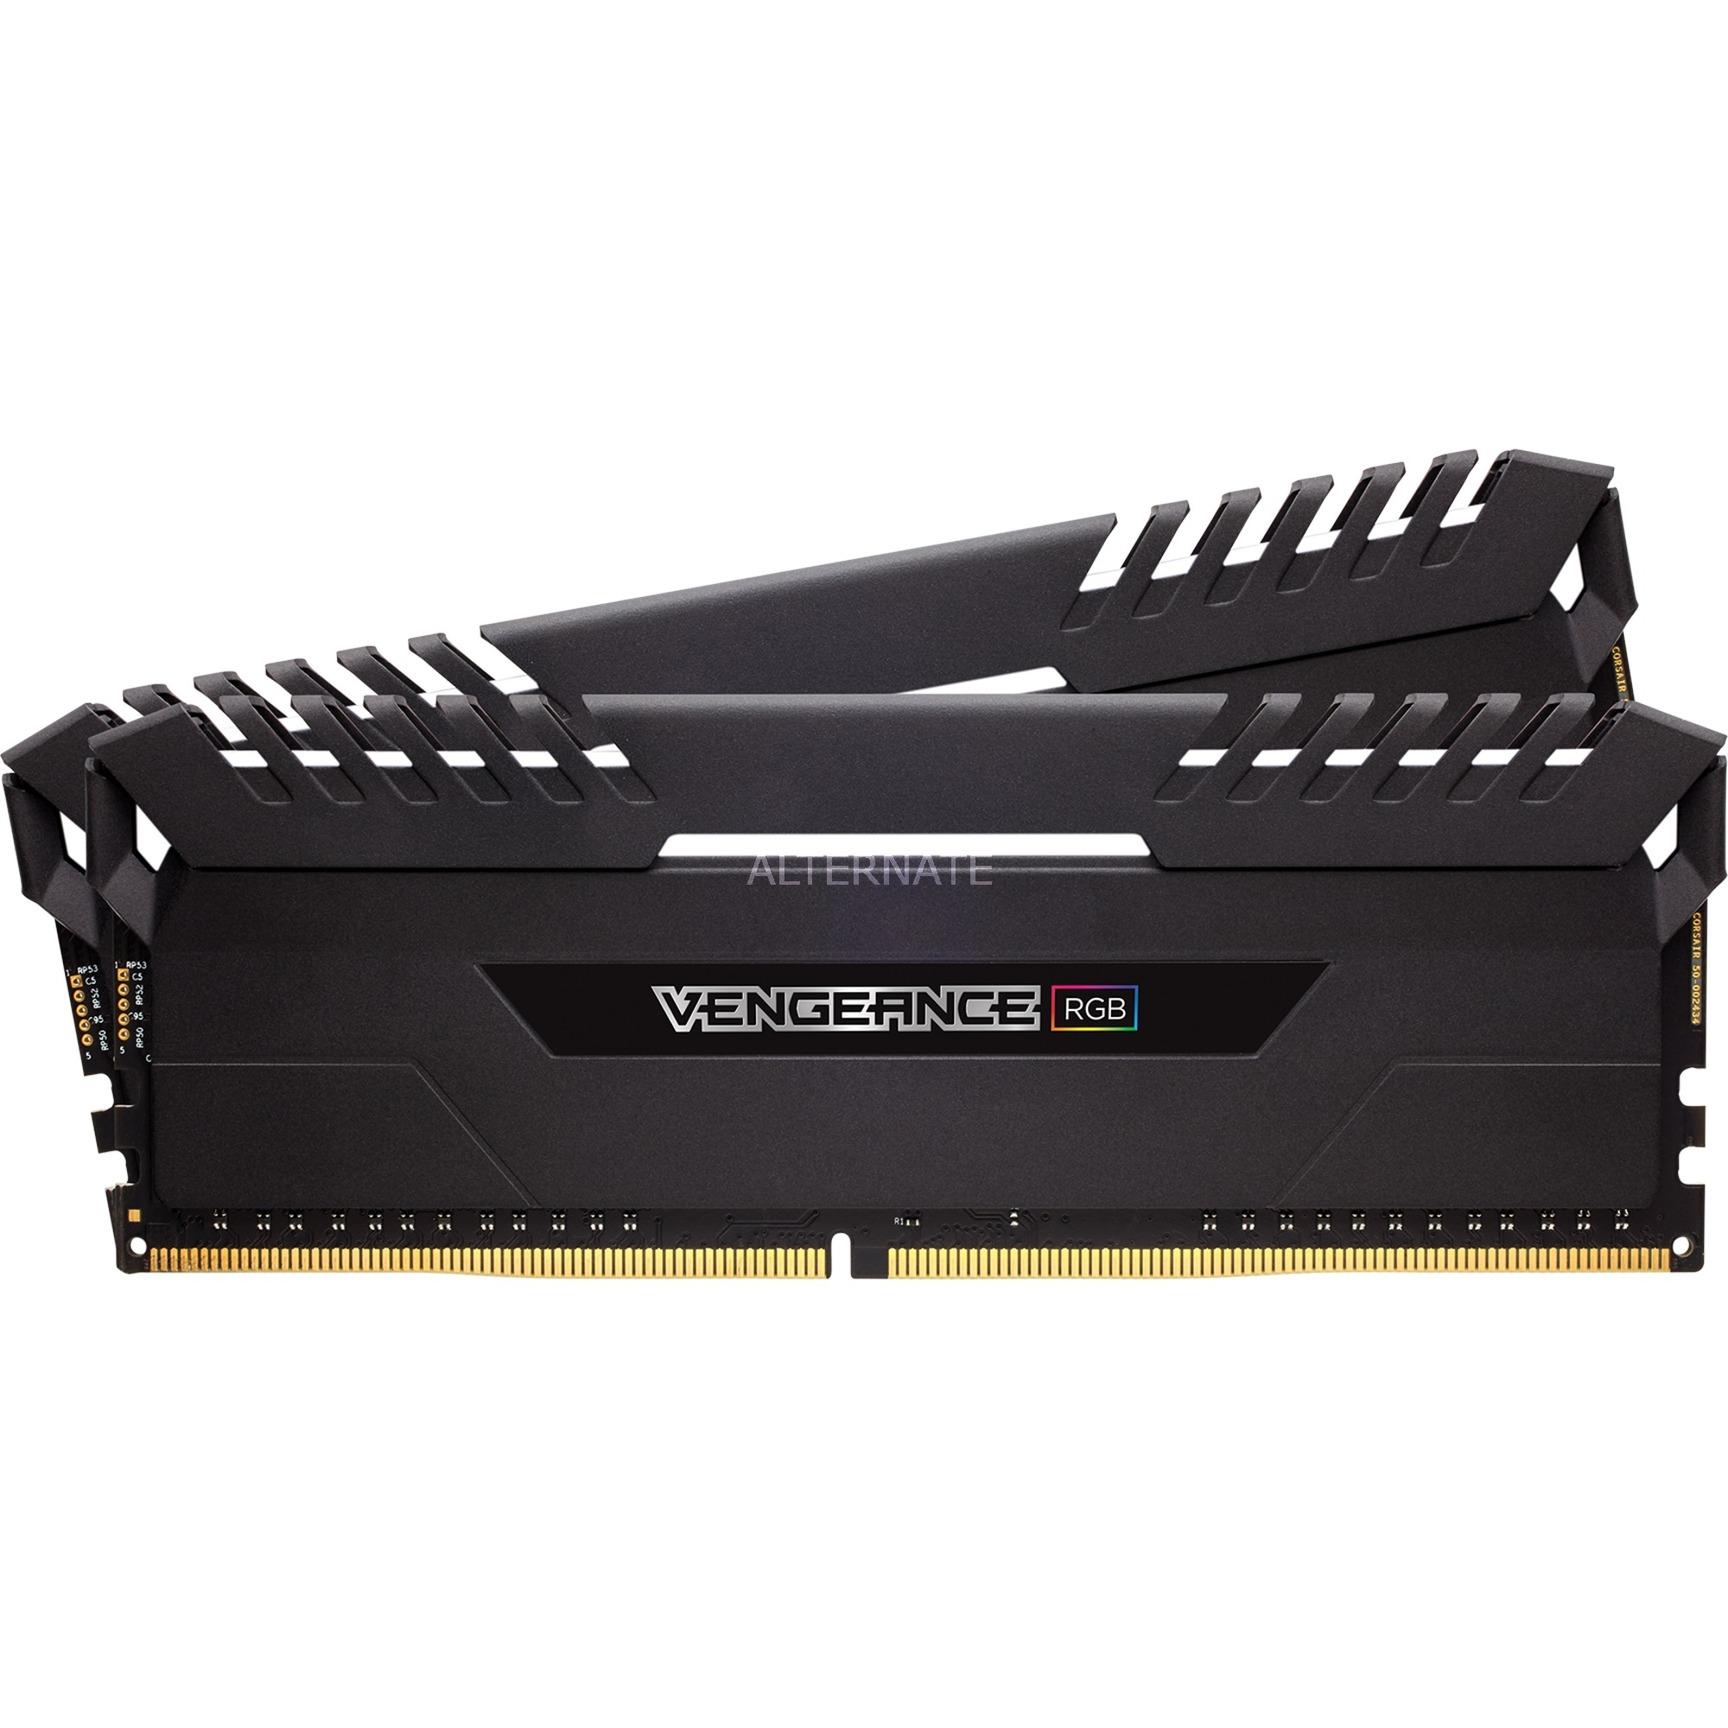 Corsair DIMM 16 GB DDR4 3000 Kit Arbeitsspeicher schwarz CMR16GX4M2C3000C15 Vengeance RGB